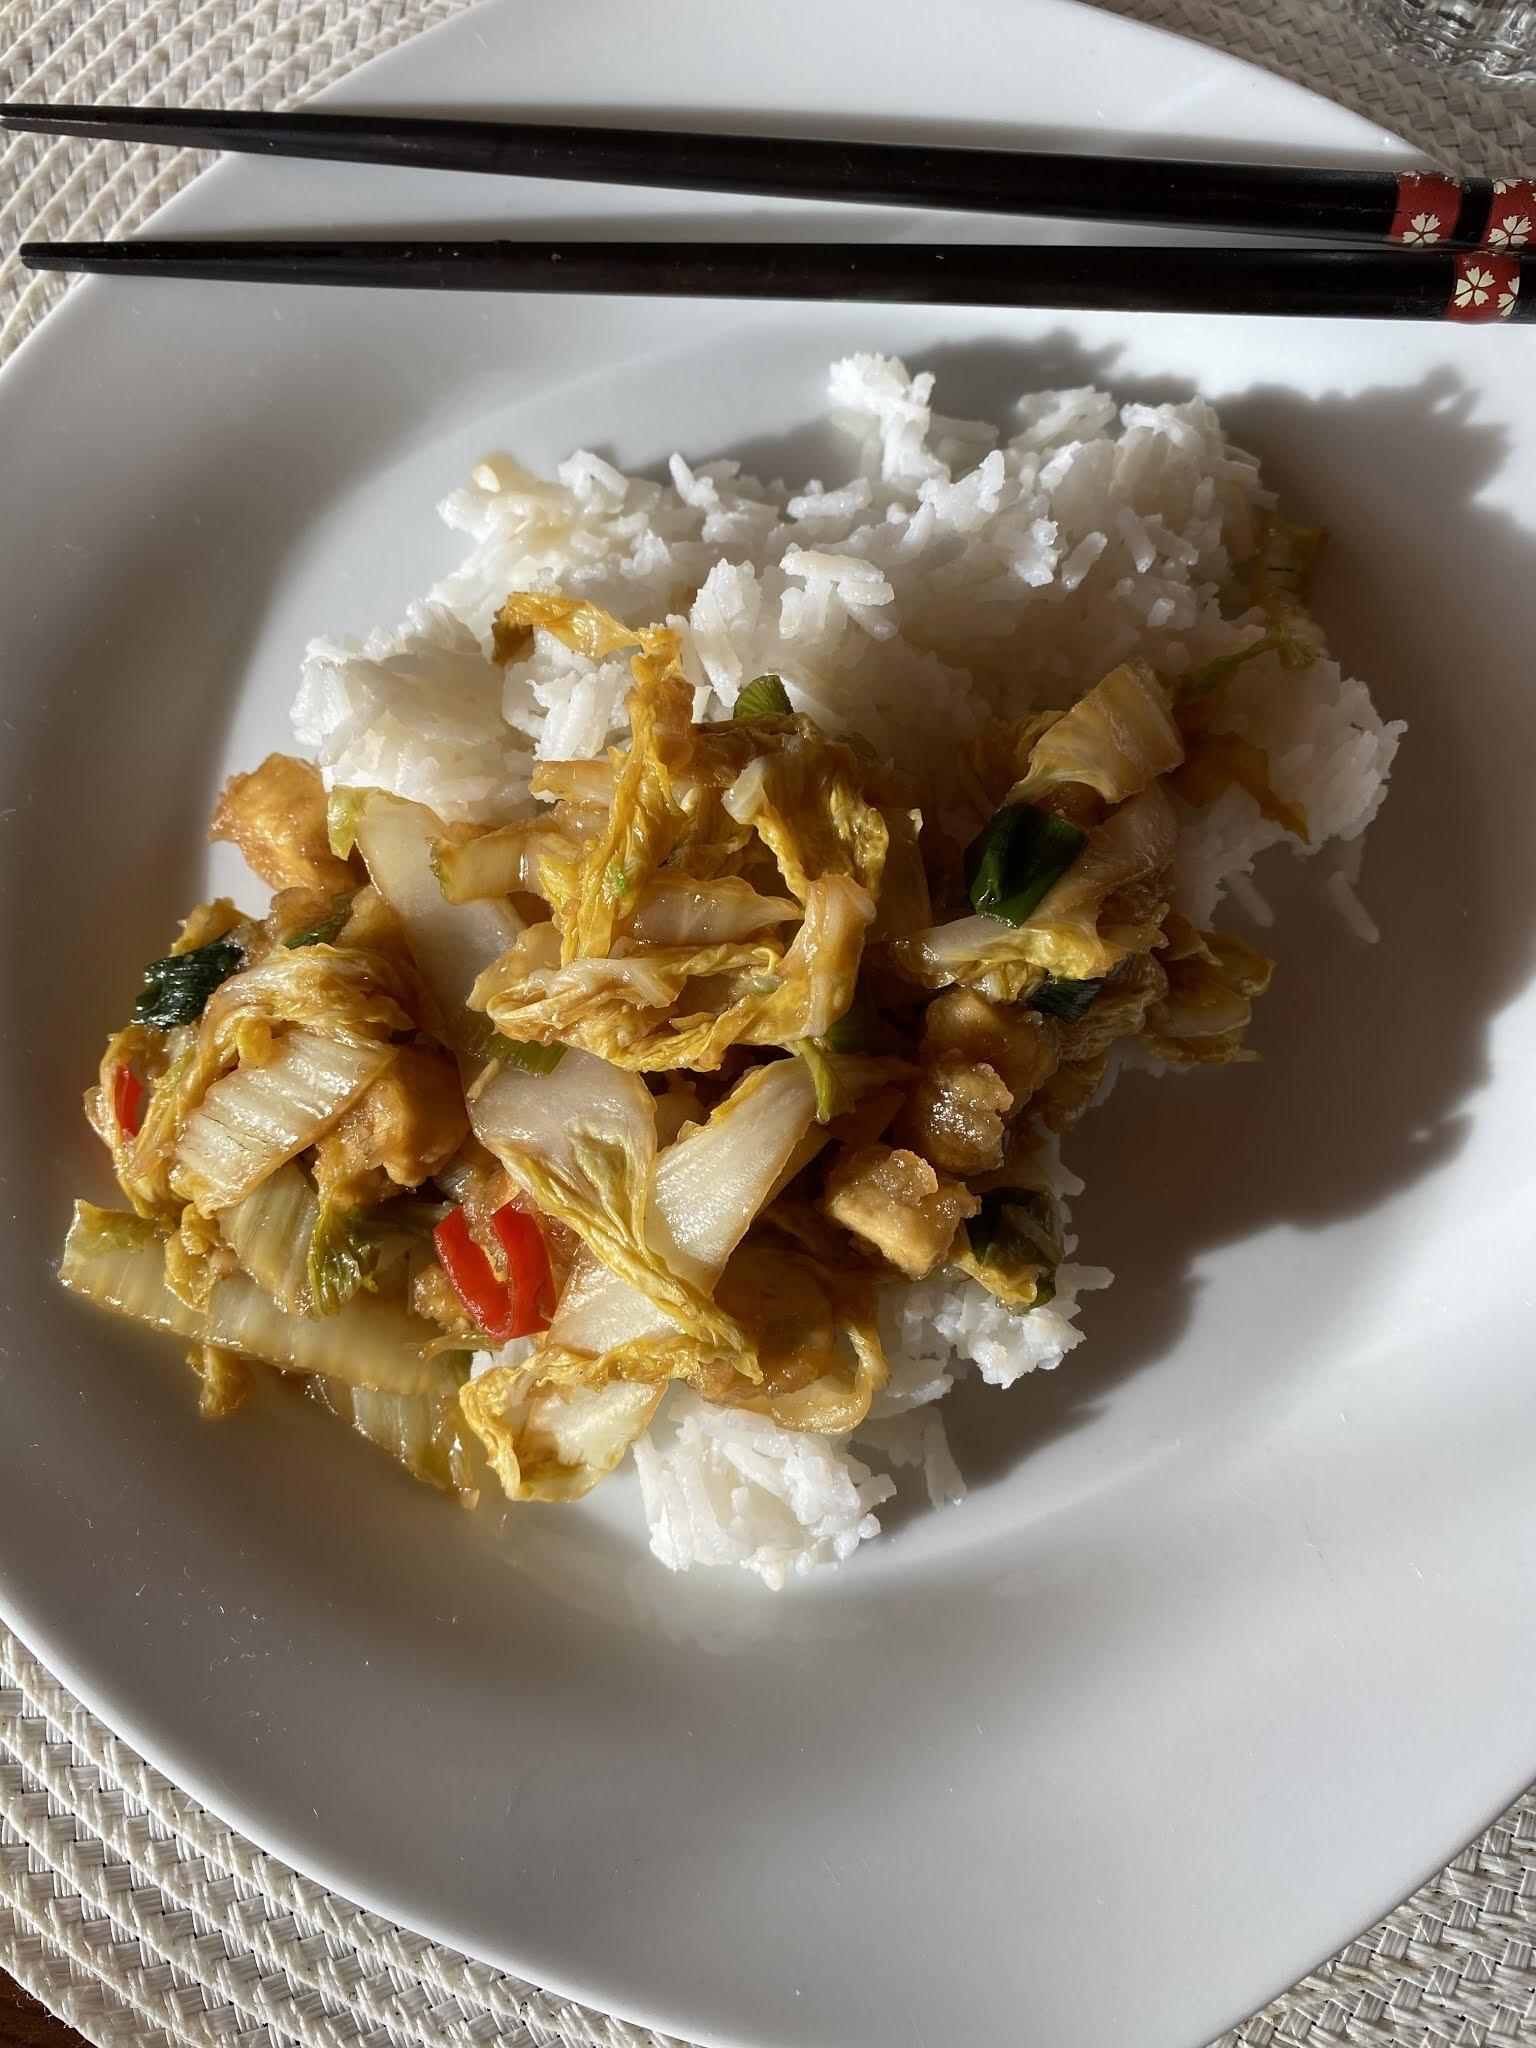 Sieben einfache, schnelle Rezepte für deinen herbstlichen Wochenplan: Von Gnocchi bis Pak Choi.